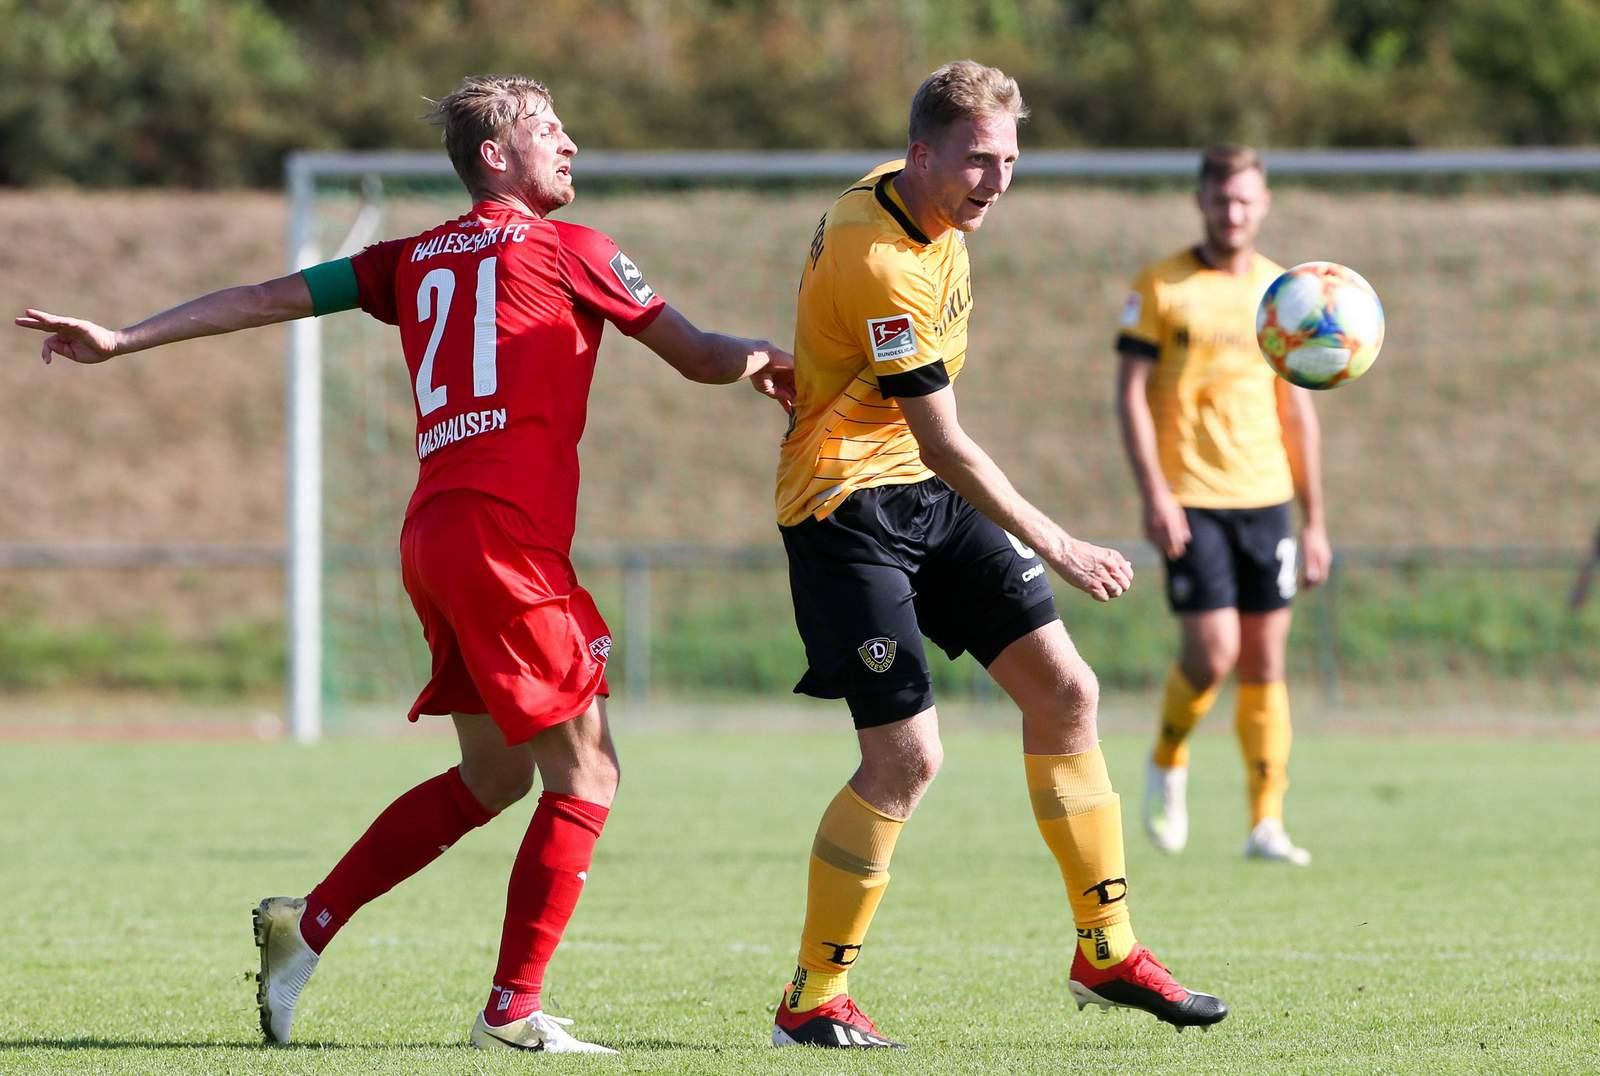 Marco Hartmann (r.) gegen Jan Washausen.